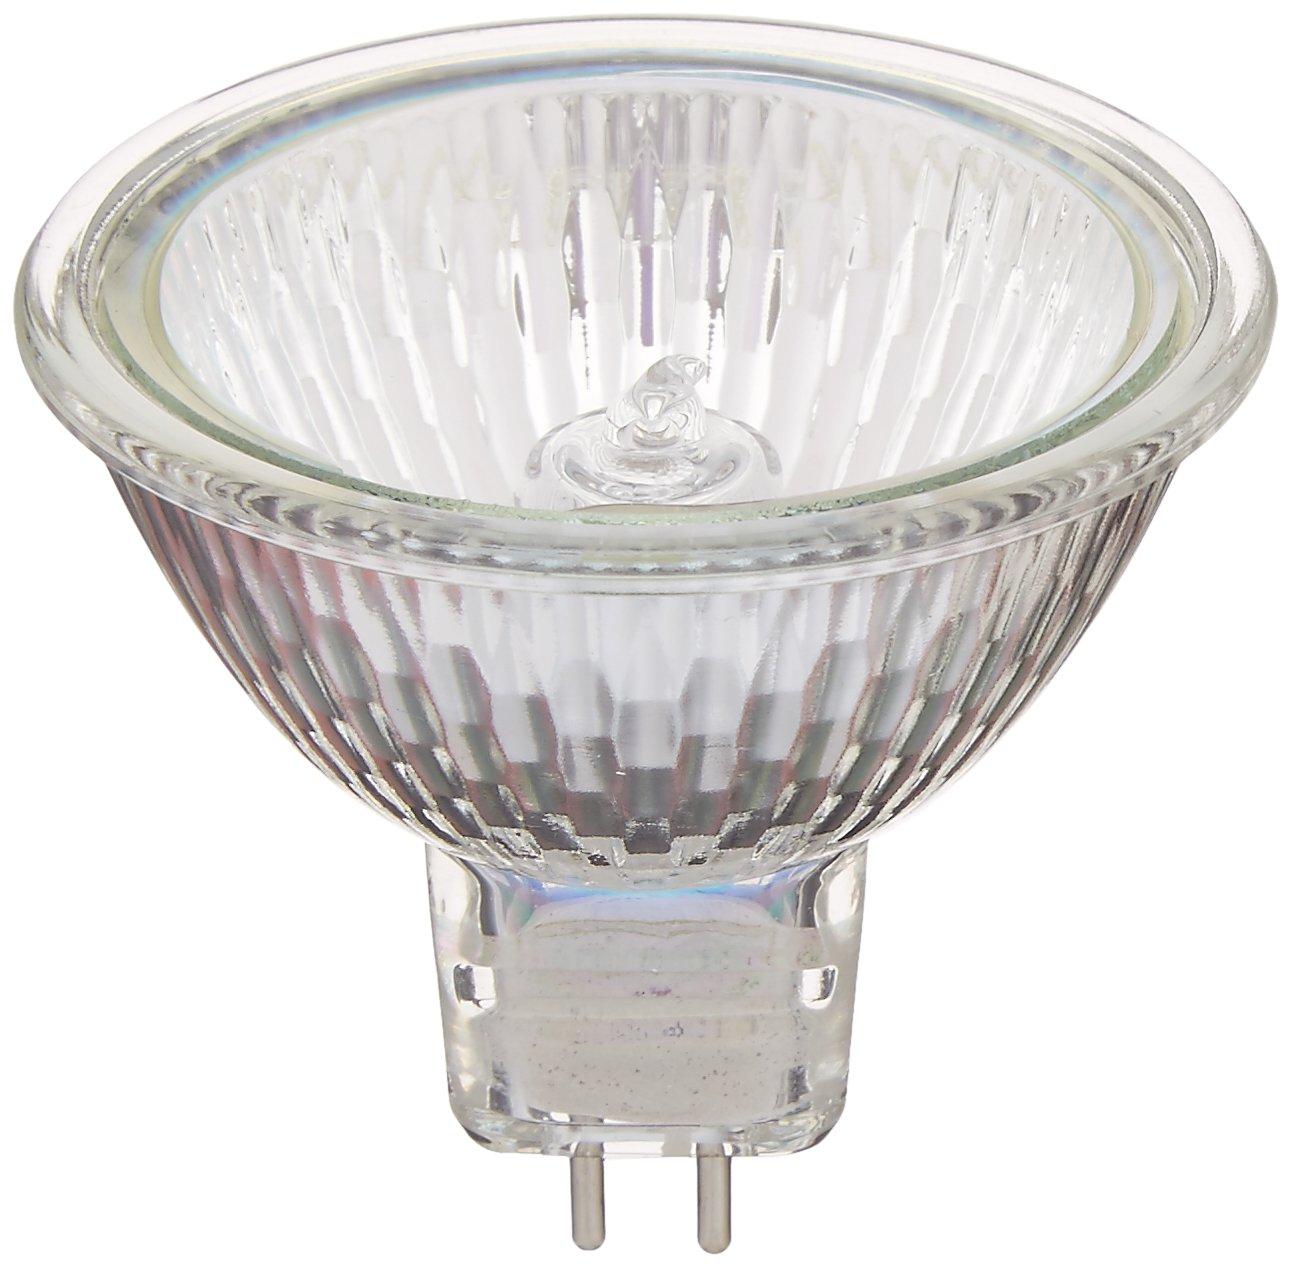 Ushio BC6370 1003675 FMW 50 FG EUROSAVER JR12V 35W WFL50 FG Halogen Light Bulb